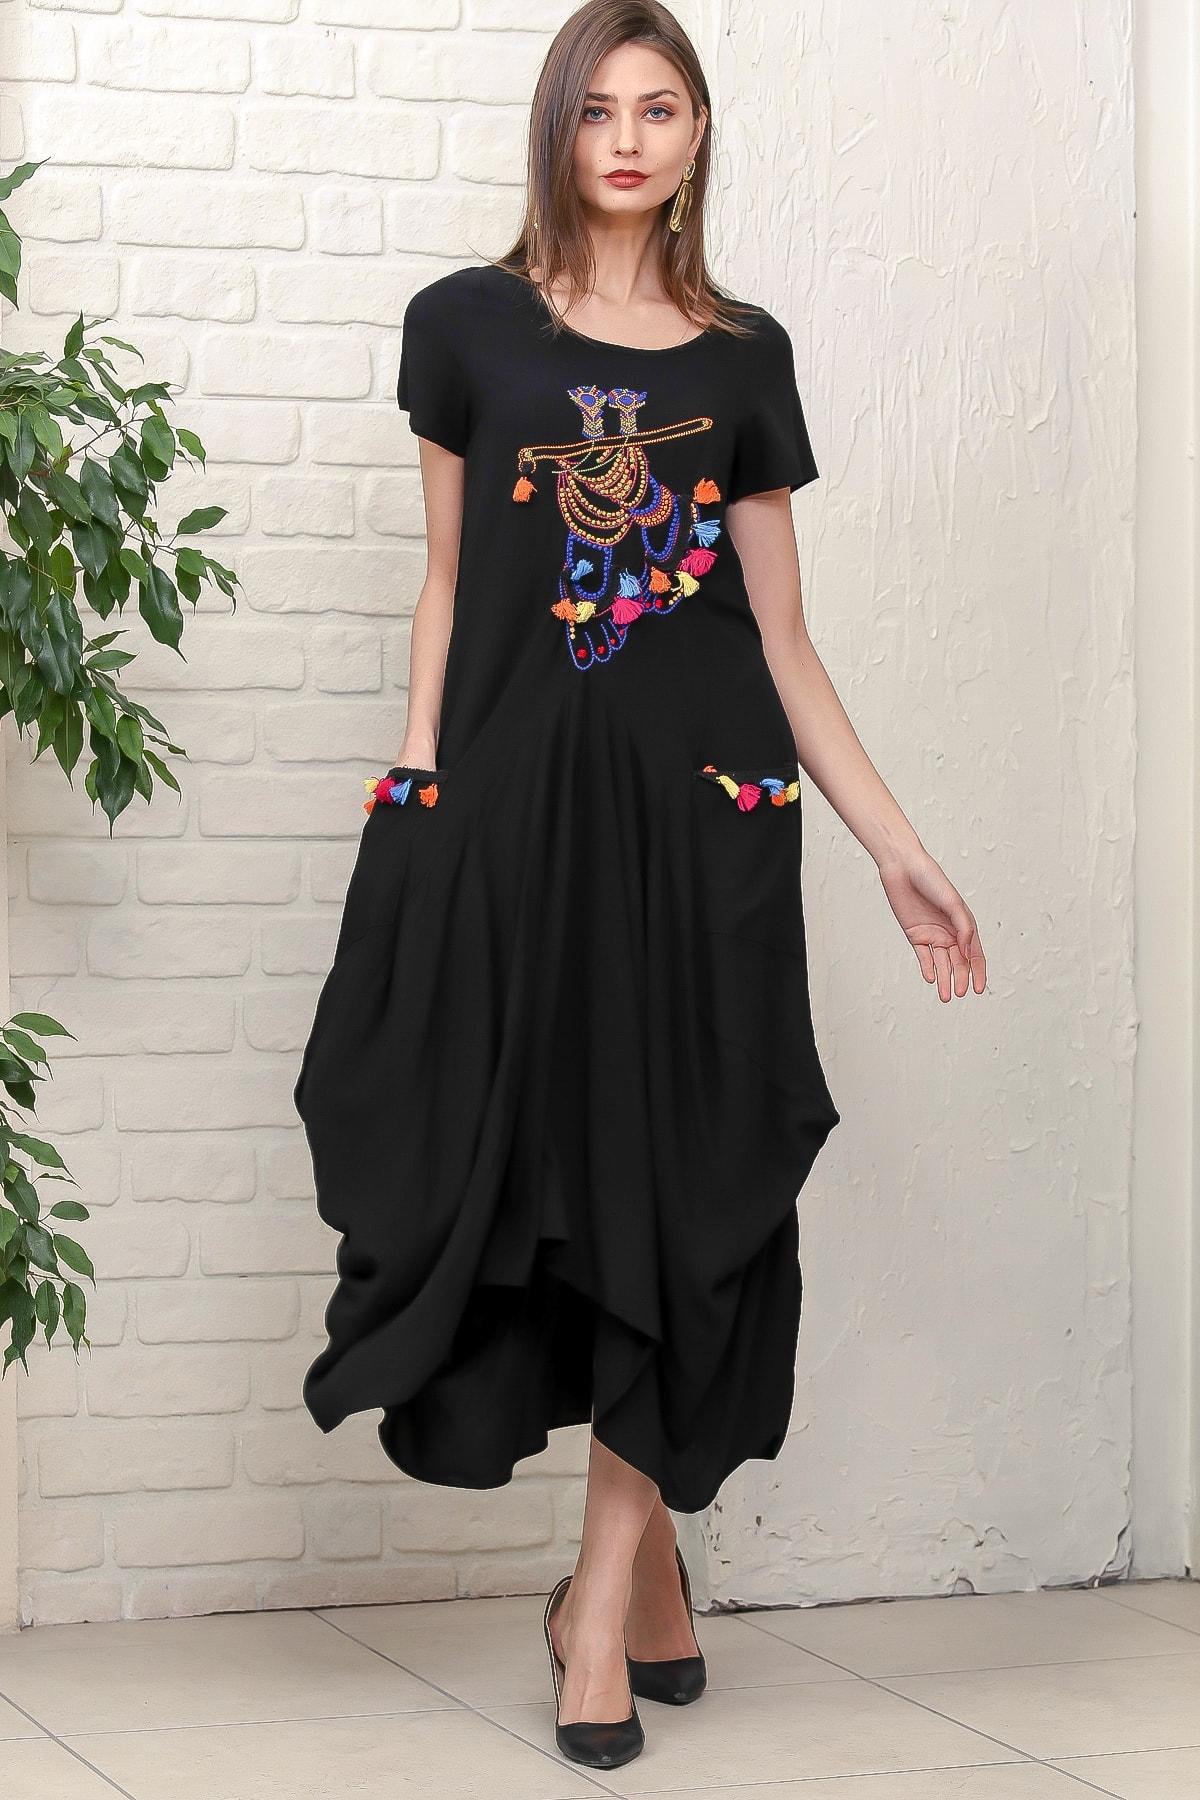 Chiccy Kadın Siyah Bohem Ayak Nakışlı Yarım Kollu Cepli Asimetrik Salaş Dokuma Elbise M10160000EL95884 1